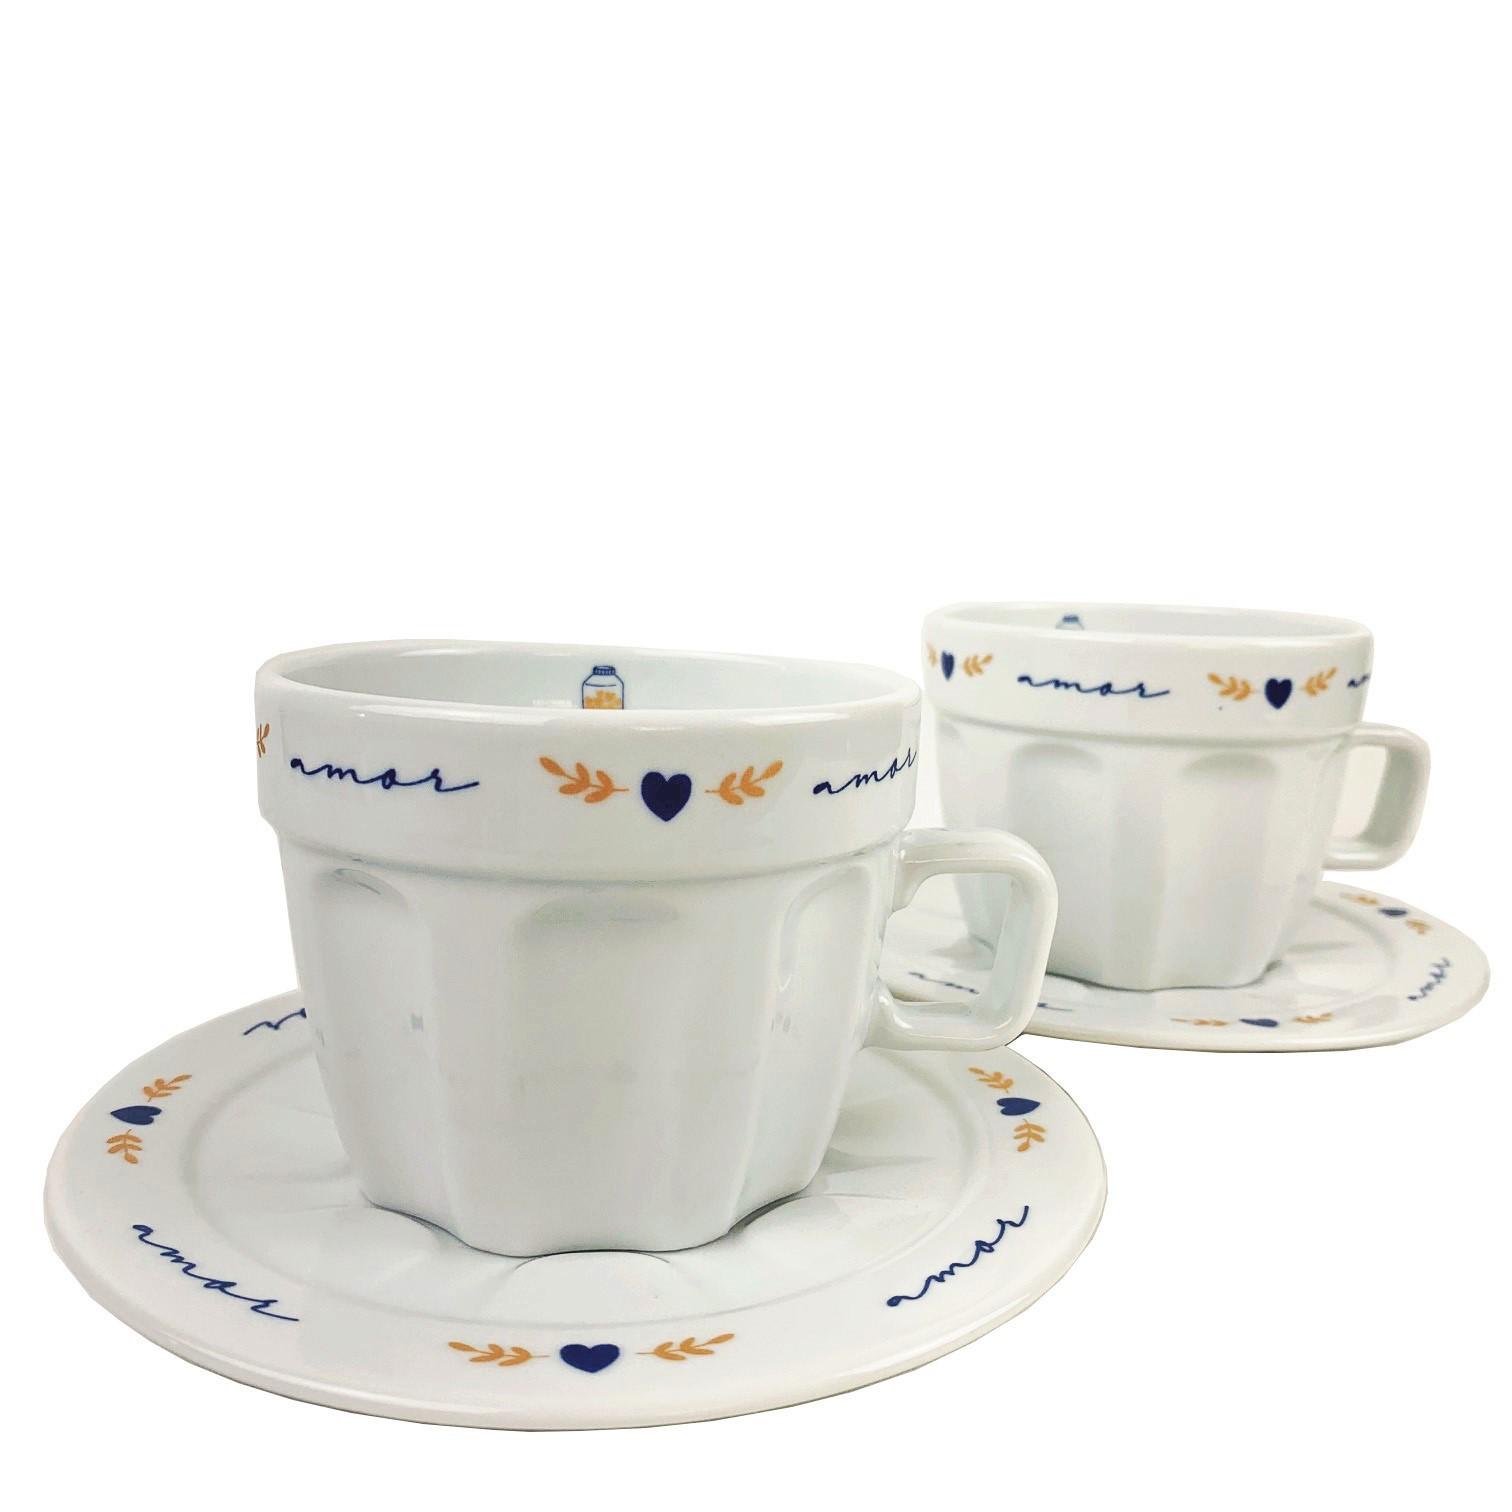 Jogo c/ 2 Xícaras de Chá Poções de Amor canelada